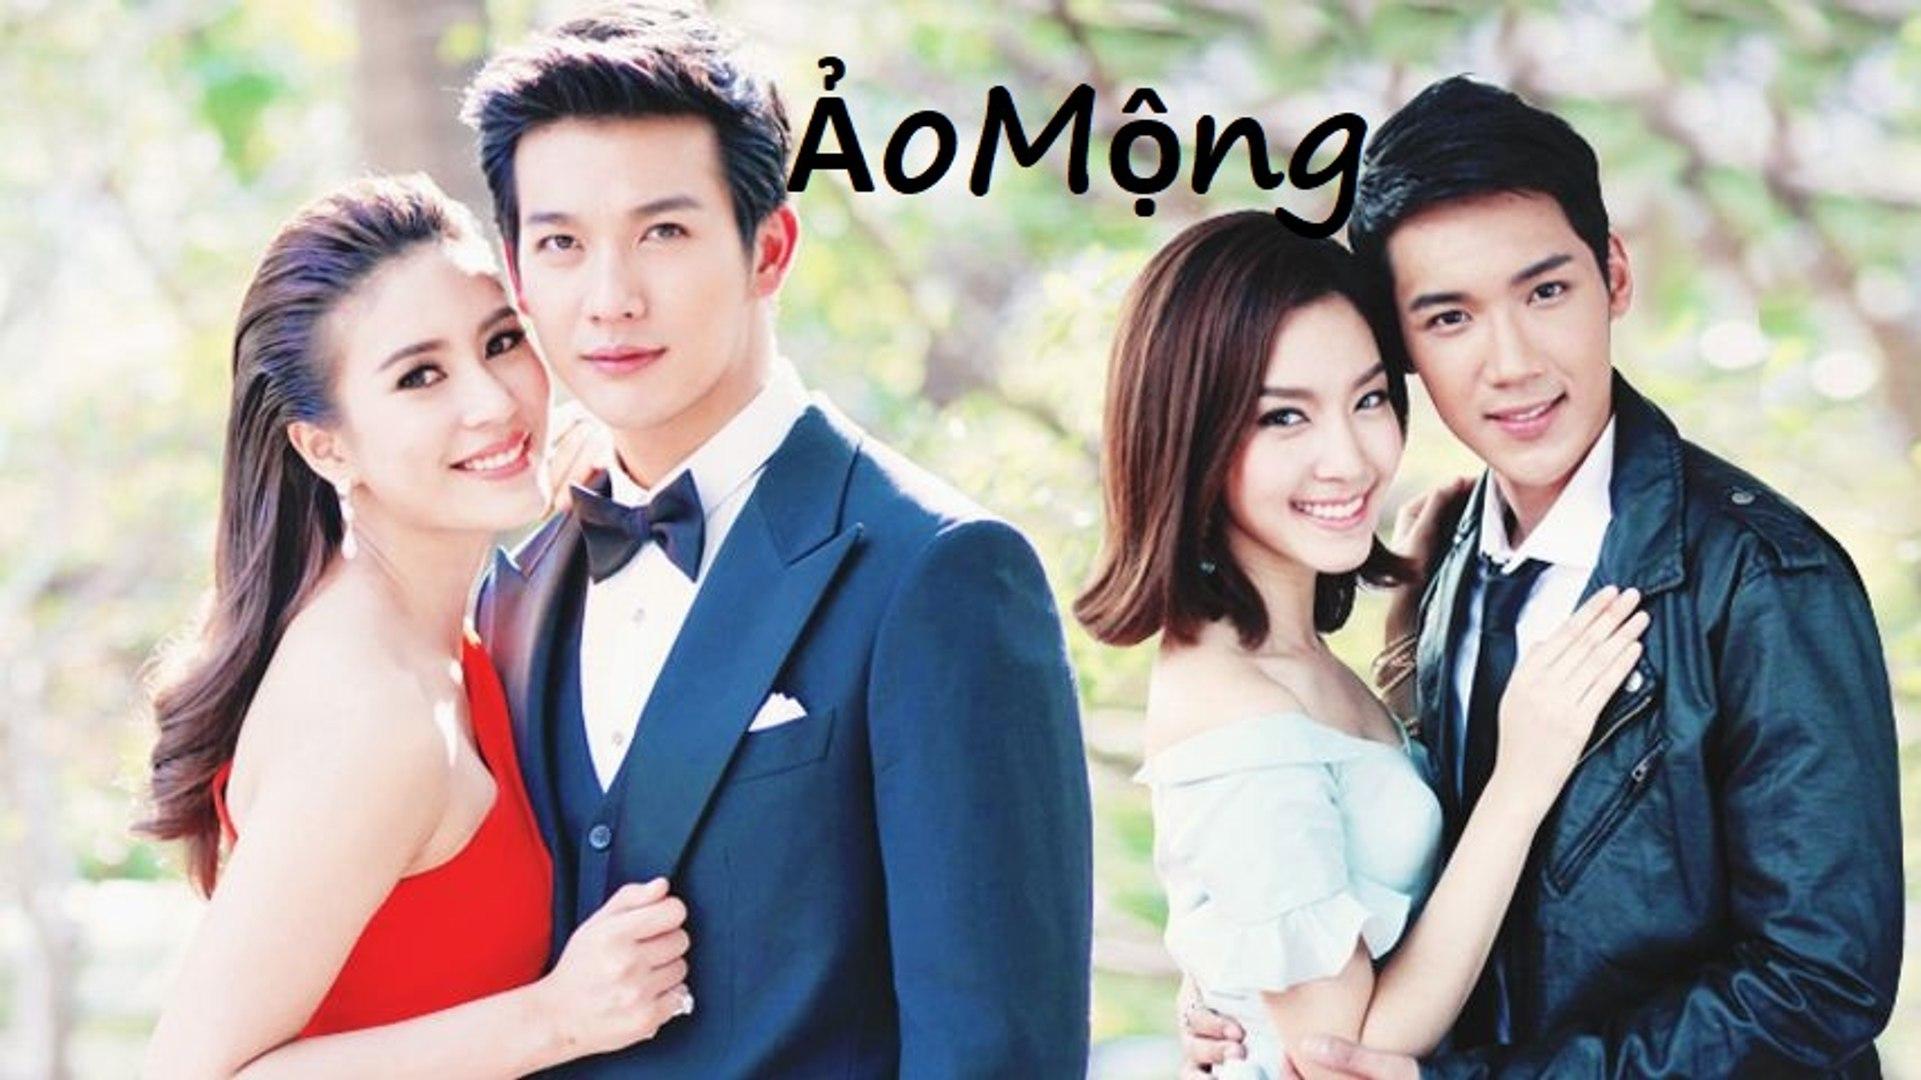 Phim Ảo Mộng Tập 20 (Lồng Tiếng) - Phim Thái Lan - Phim Tình Cảm